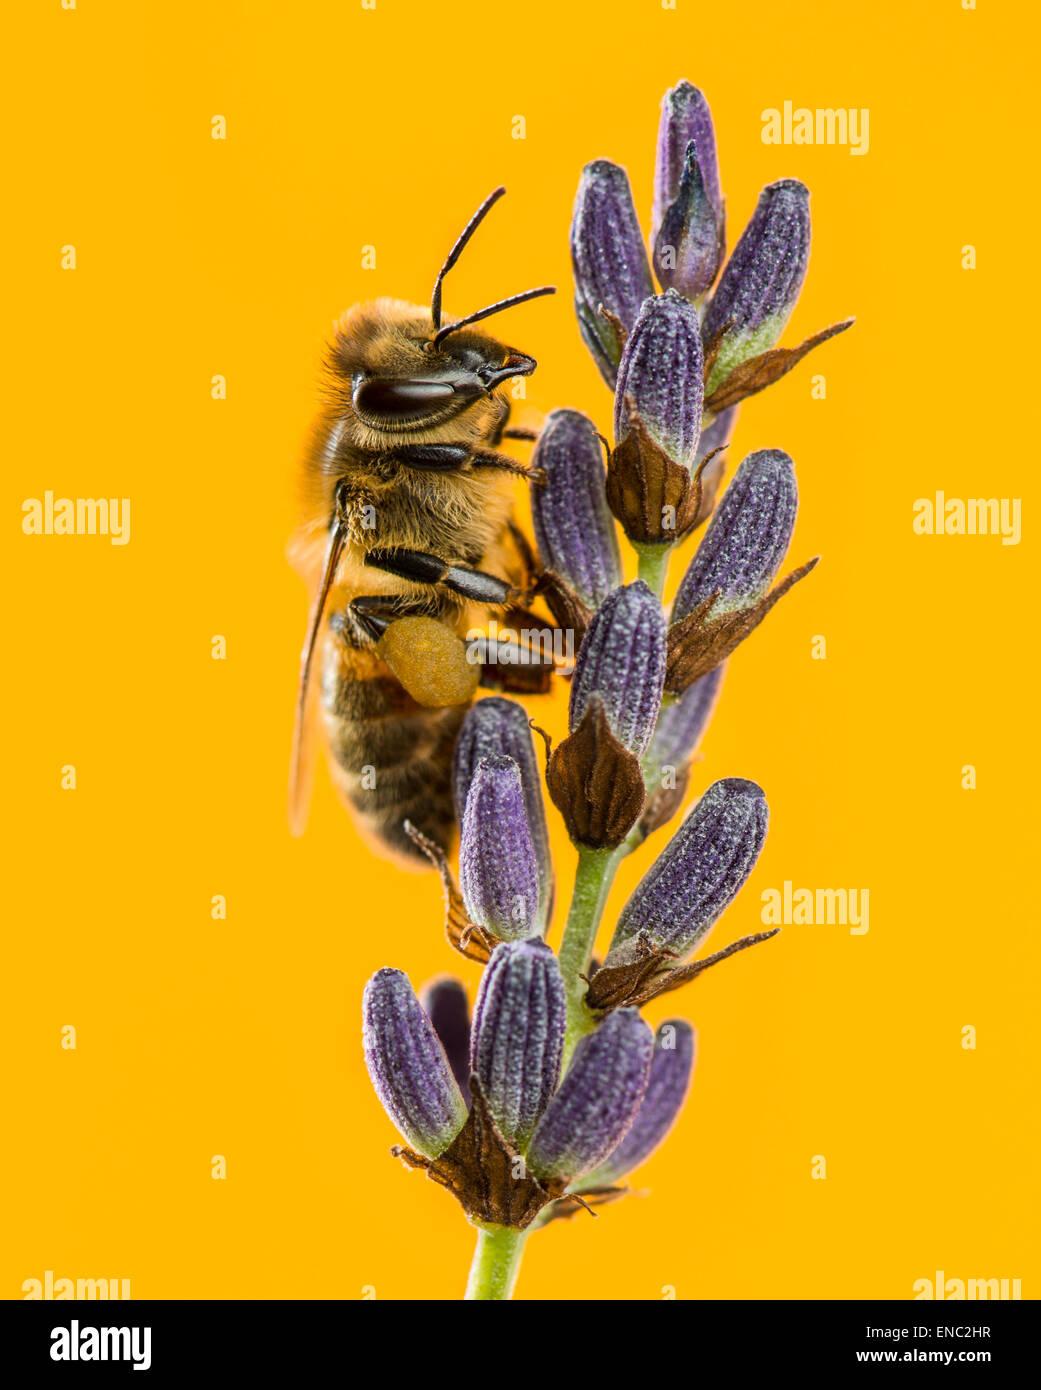 Honigbiene, Apis Mellifera, Nahrungssuche auf Lavendel vor einem orangefarbenen Hintergrund Stockbild